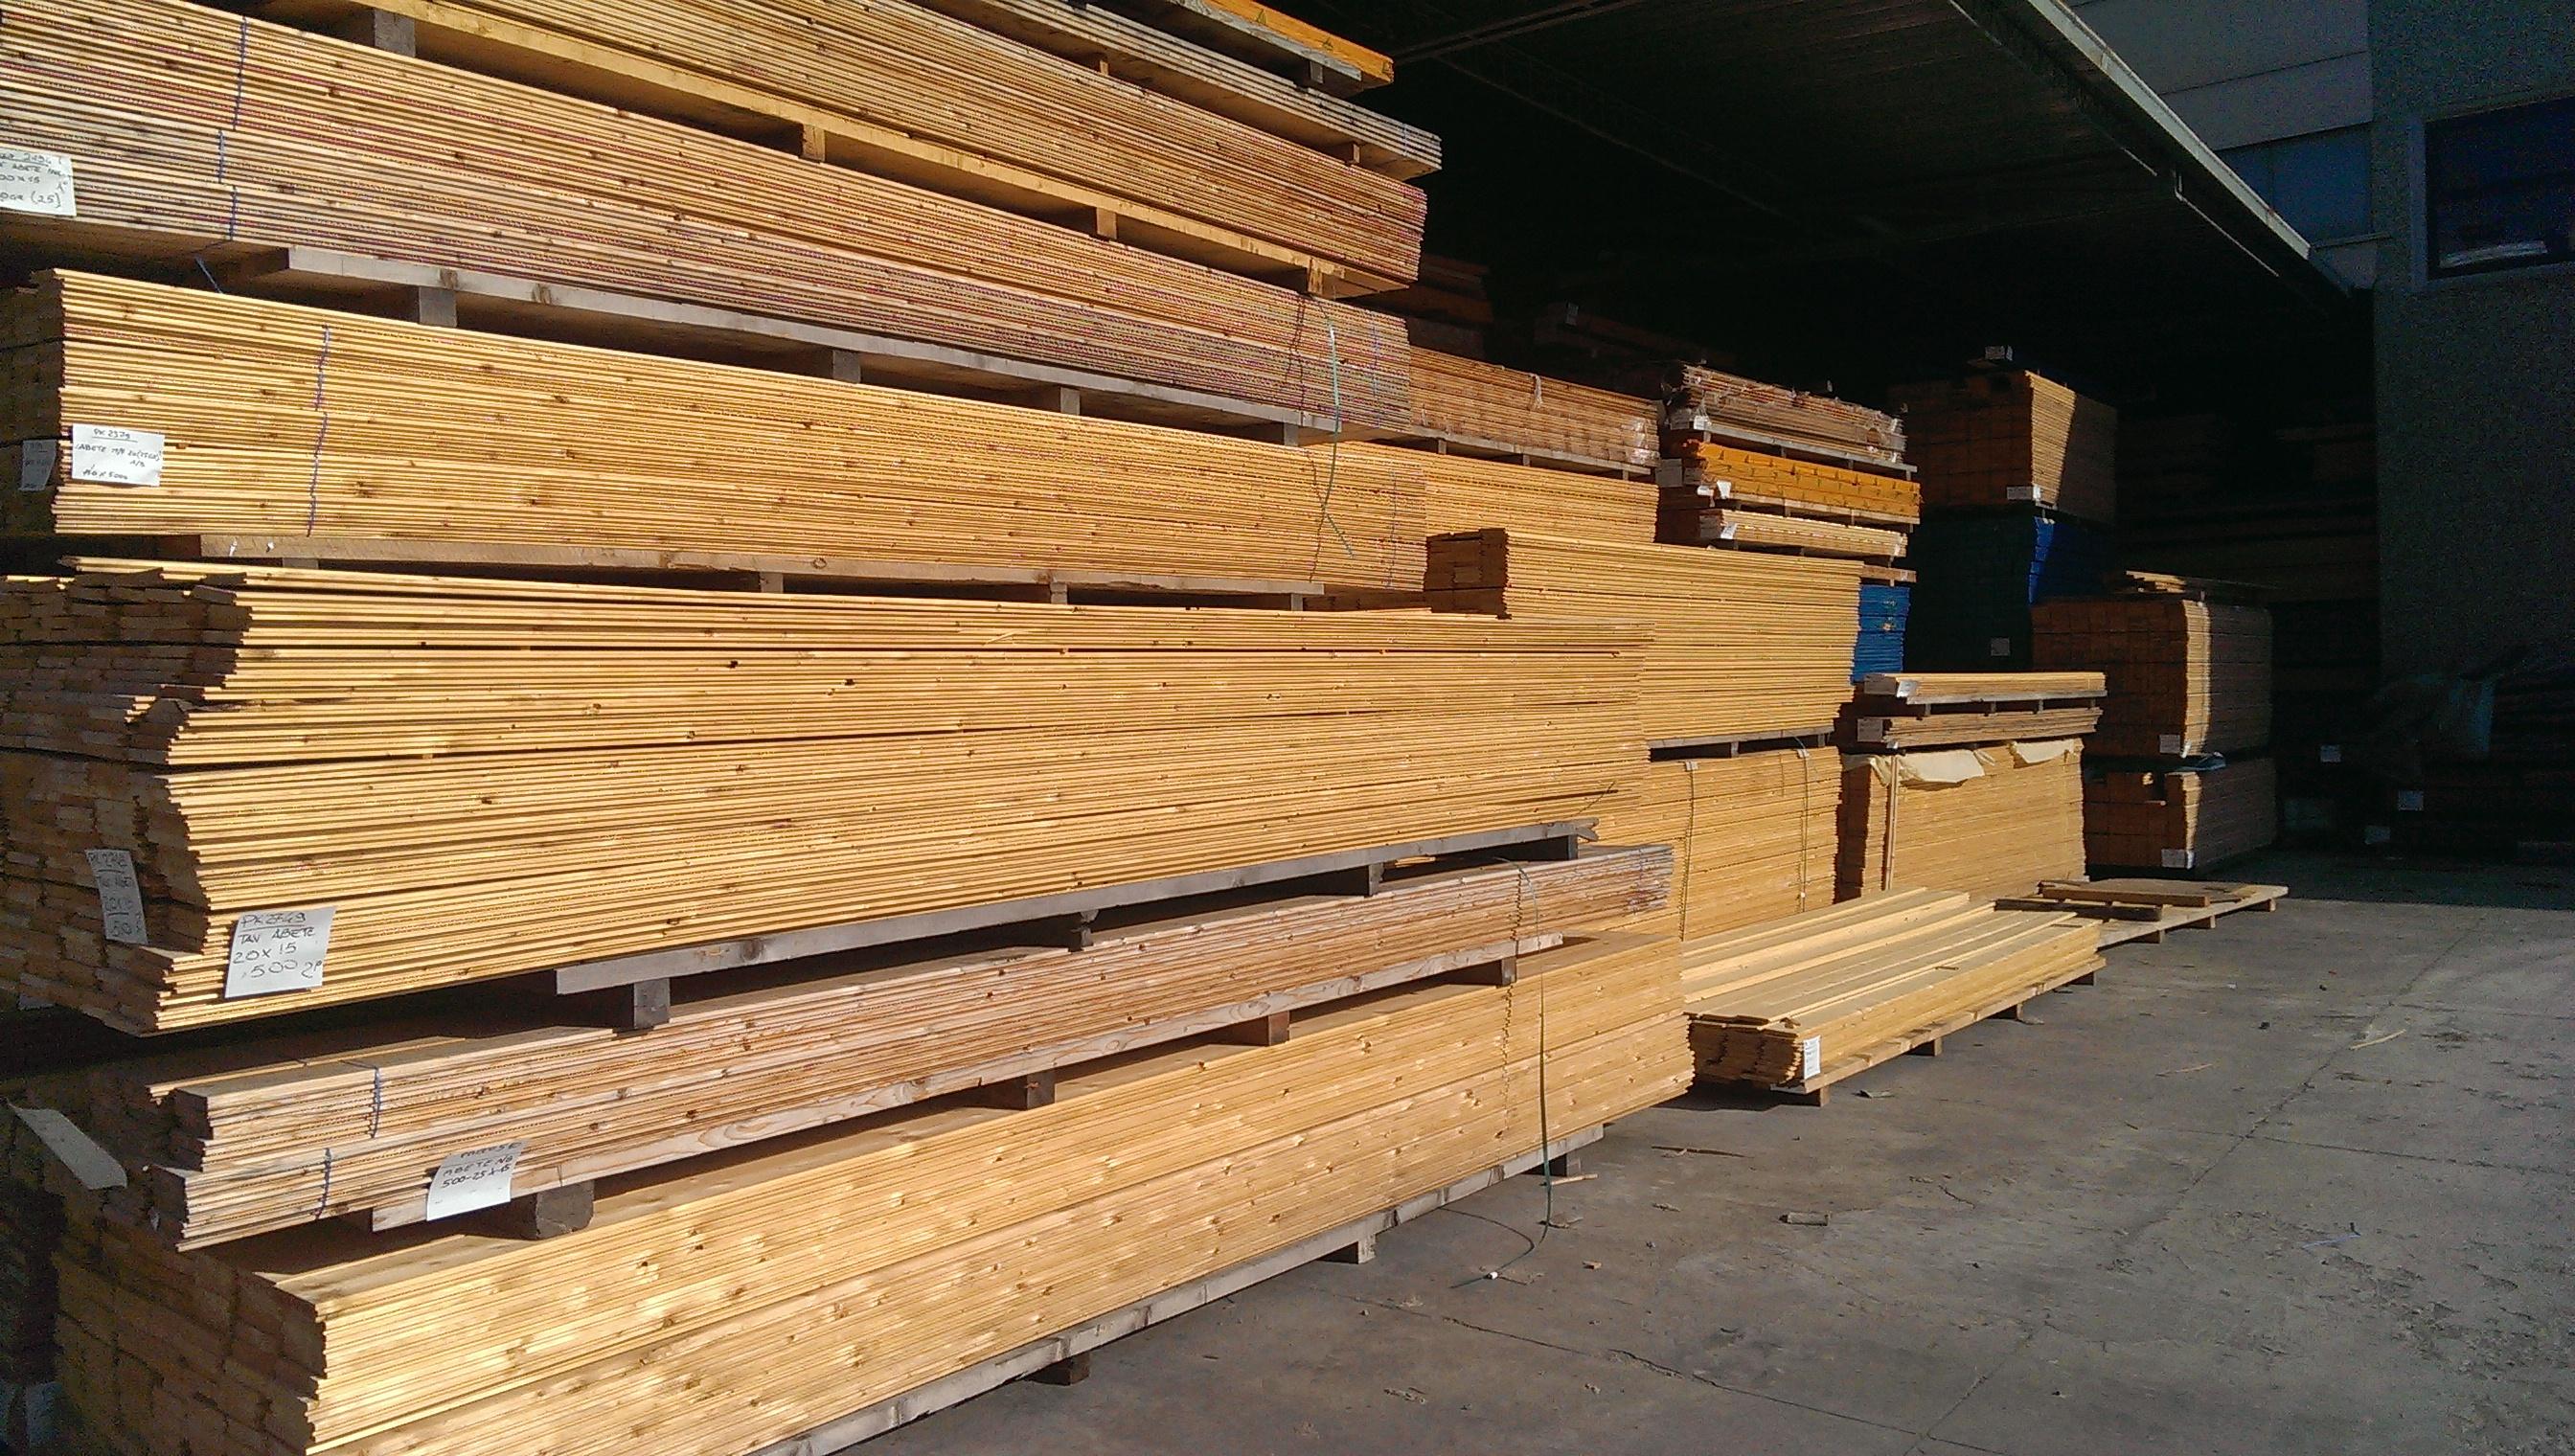 Perlinato abete mm 20 tavole legno incastro maschio for Casette in legno usate ebay